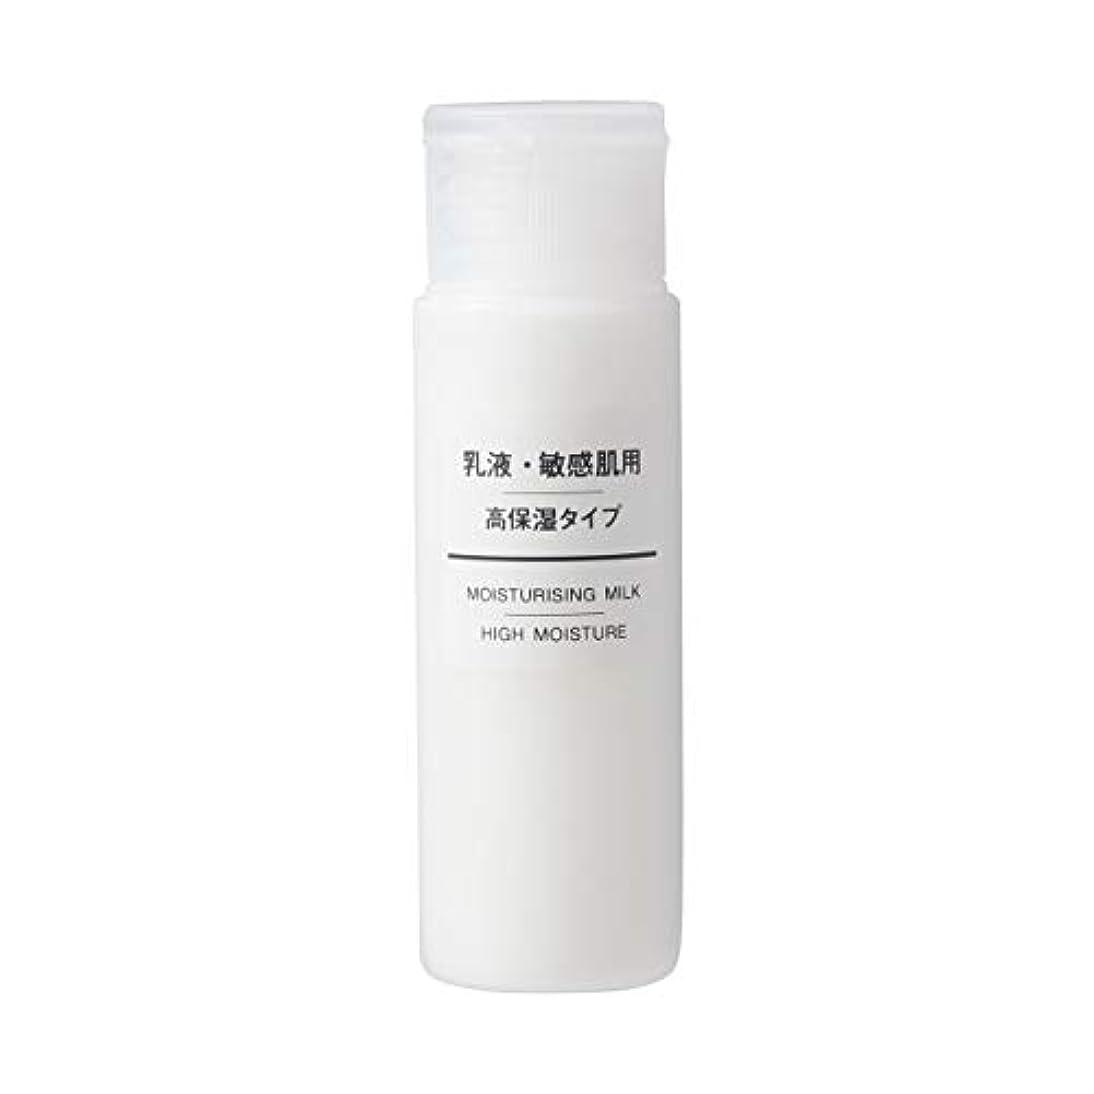 匹敵します不潔ナチュラ無印良品 乳液 敏感肌用 高保湿タイプ(携帯用) 50ml